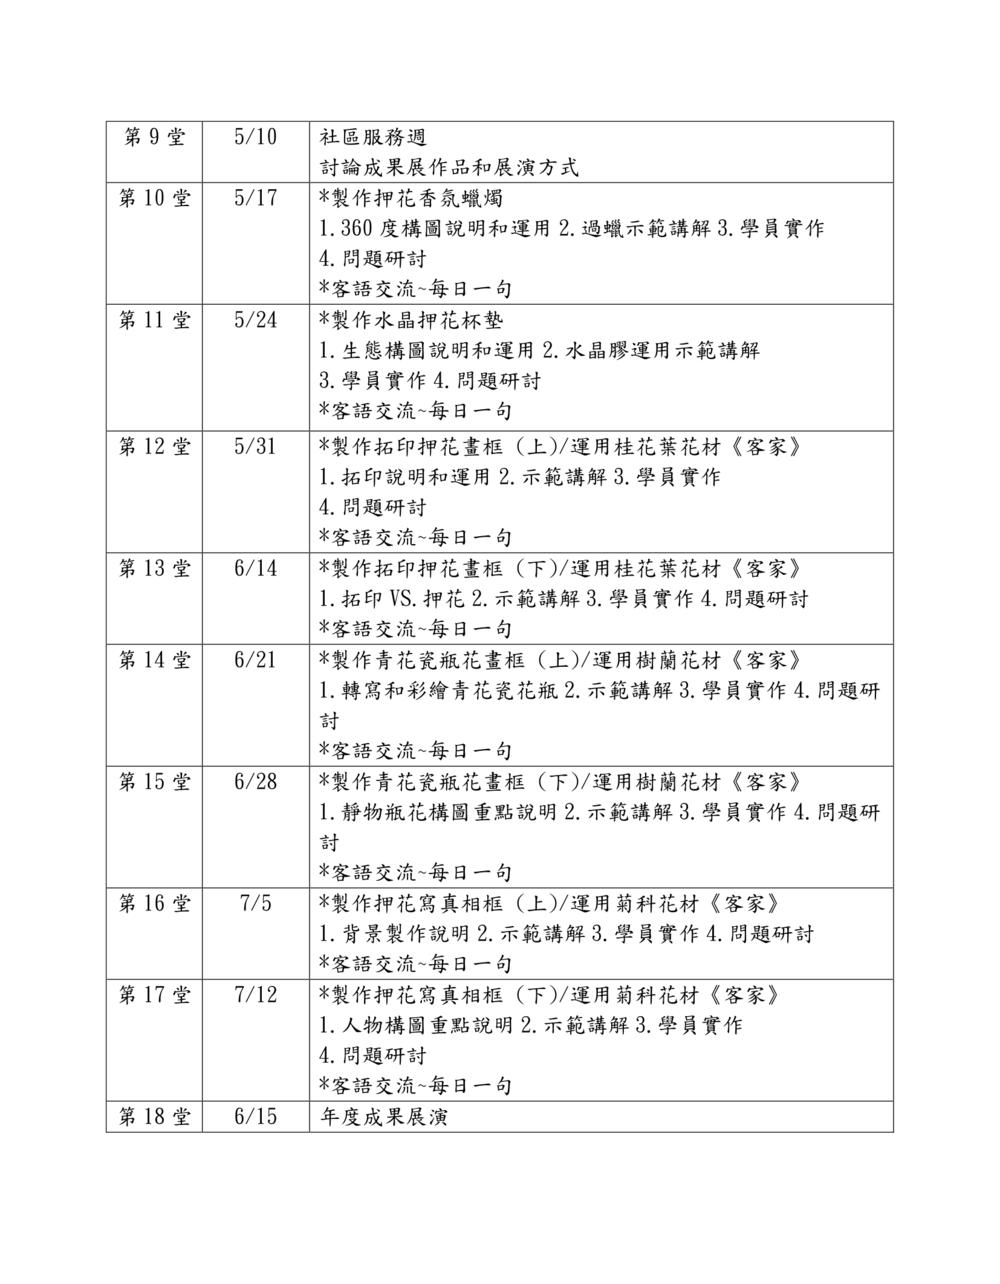 單堂課程表-04.png